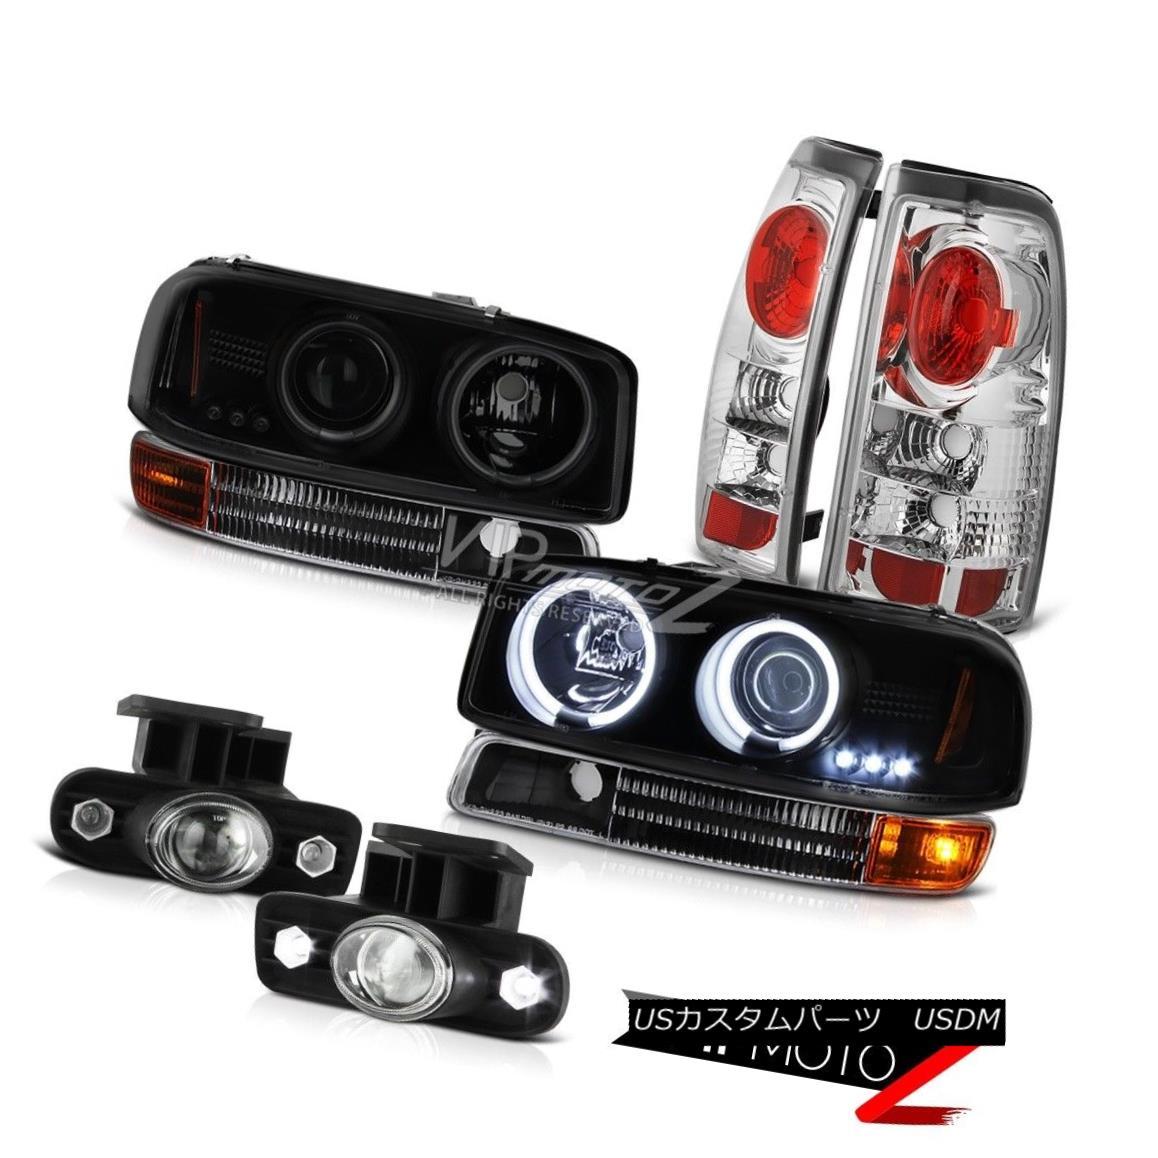 ヘッドライト CCFL Angel Eye Headlight Brake Lamps Projector Bumper Fog 99-03 Sierra 2500 3500 CCFLエンジェルアイヘッドライトブレーキランププロジェクターバンパーフォグ99-03 Sierra 2500 3500